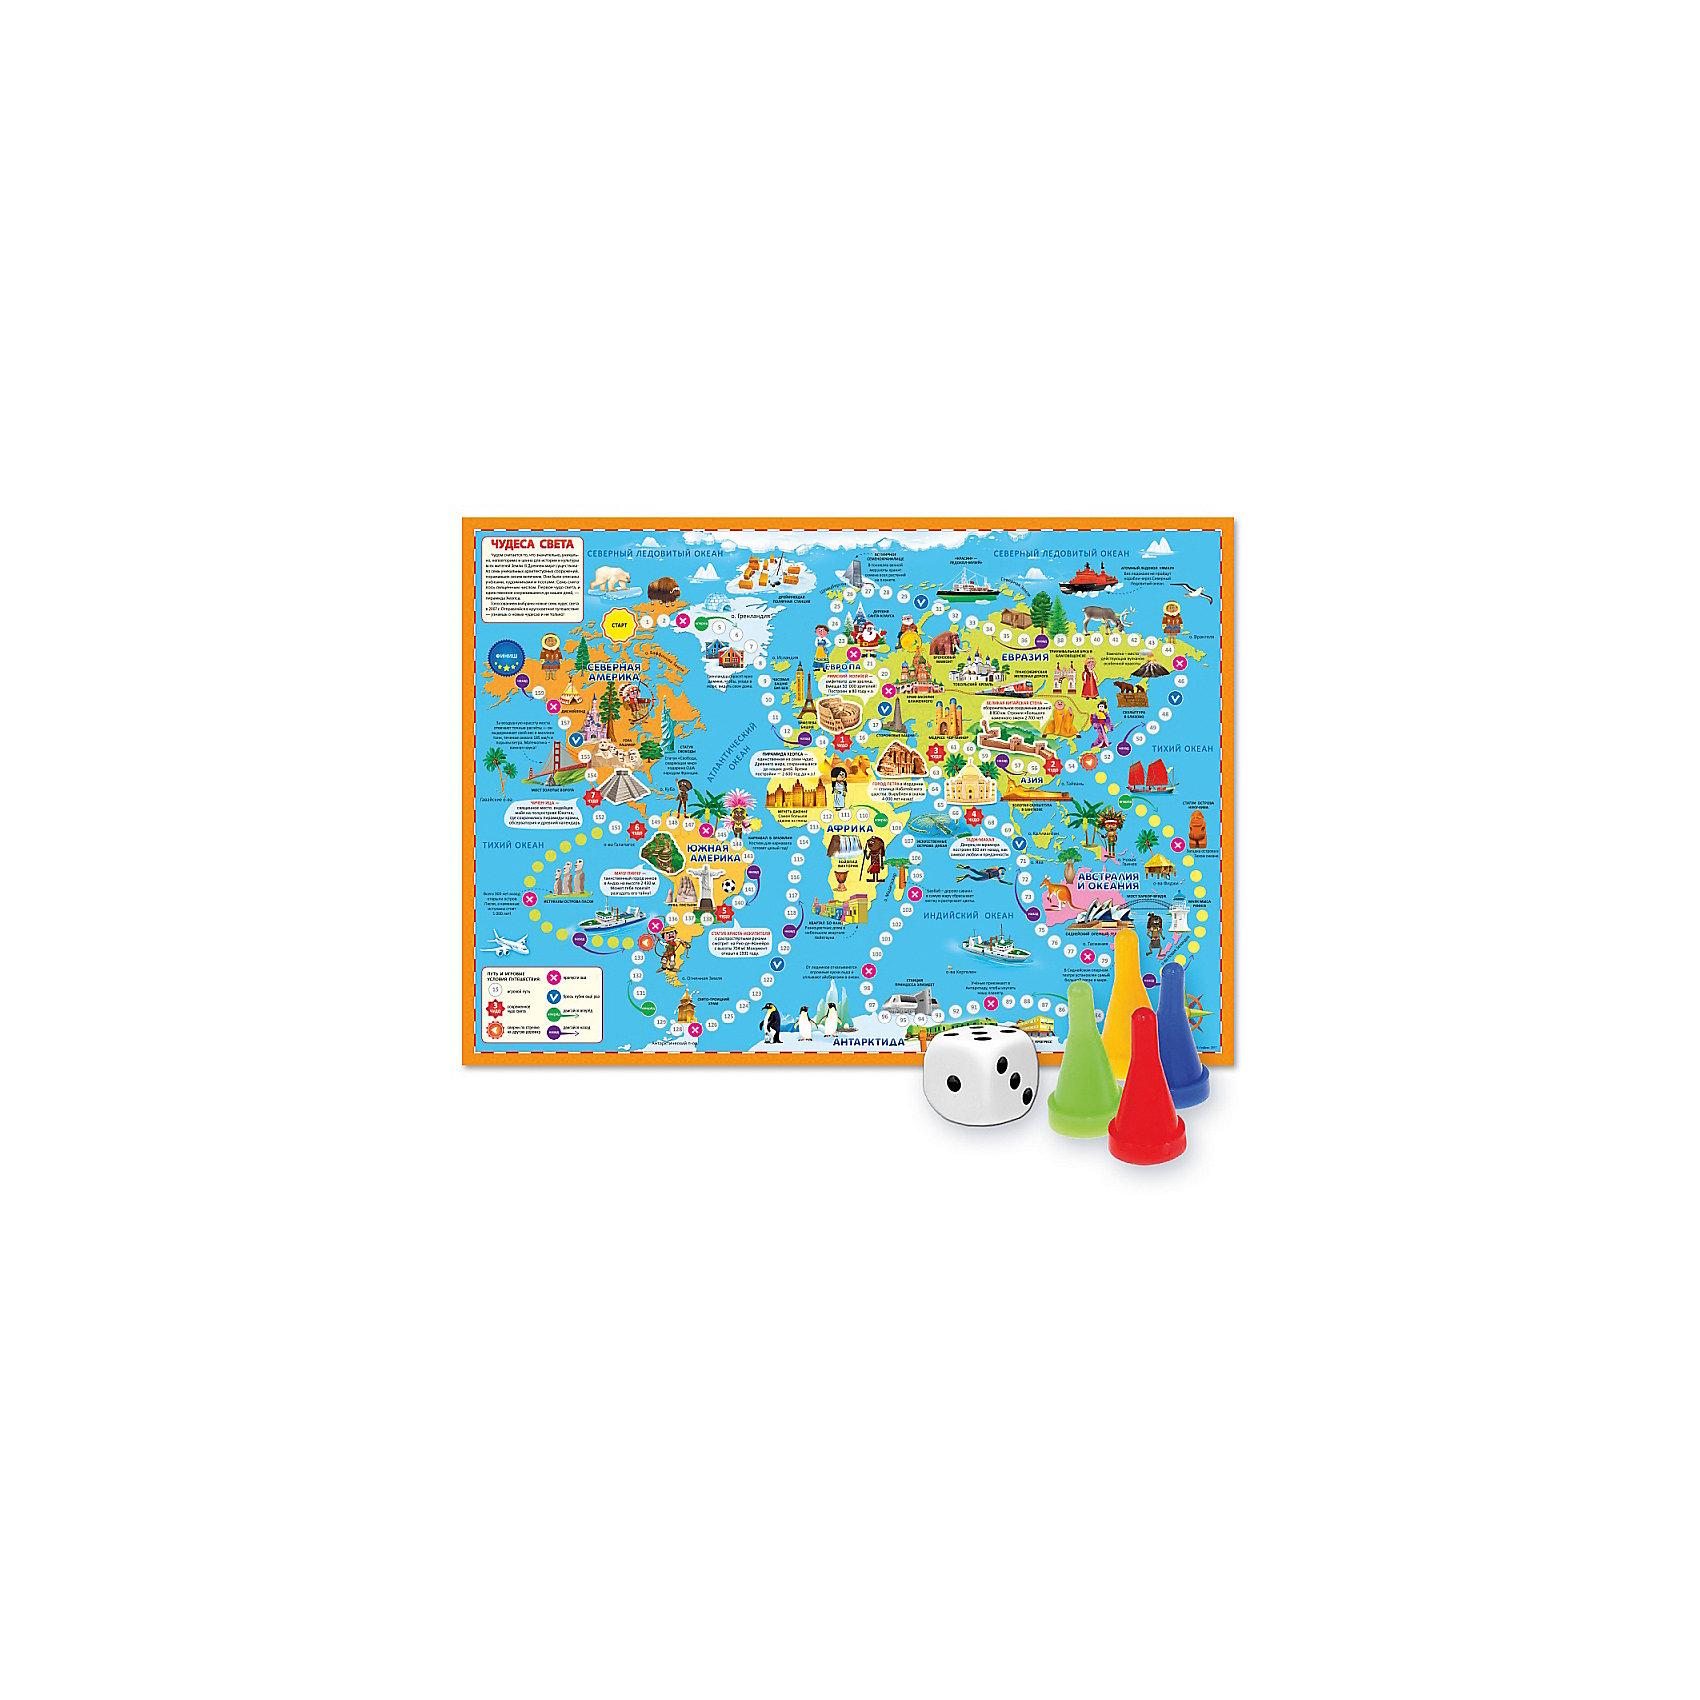 Игра-ходилка Чудеса света Издательство ГеоДомНастольные игры ходилки<br>Это захватывающая игра-путешествие по всем материкам Земли. Во время путешествия откроются удивительные места в самых разных уголках нашей планеты. Необходимо пройти весь игровой путь и познакомиться с новыми чудесами света, которые были выбраны голосованием во многих странах мира. Побеждает в игре тот, кто первым достигнет финиша.<br><br>Ширина мм: 595<br>Глубина мм: 420<br>Высота мм: 5<br>Вес г: 83<br>Возраст от месяцев: 36<br>Возраст до месяцев: 2147483647<br>Пол: Унисекс<br>Возраст: Детский<br>SKU: 7077937